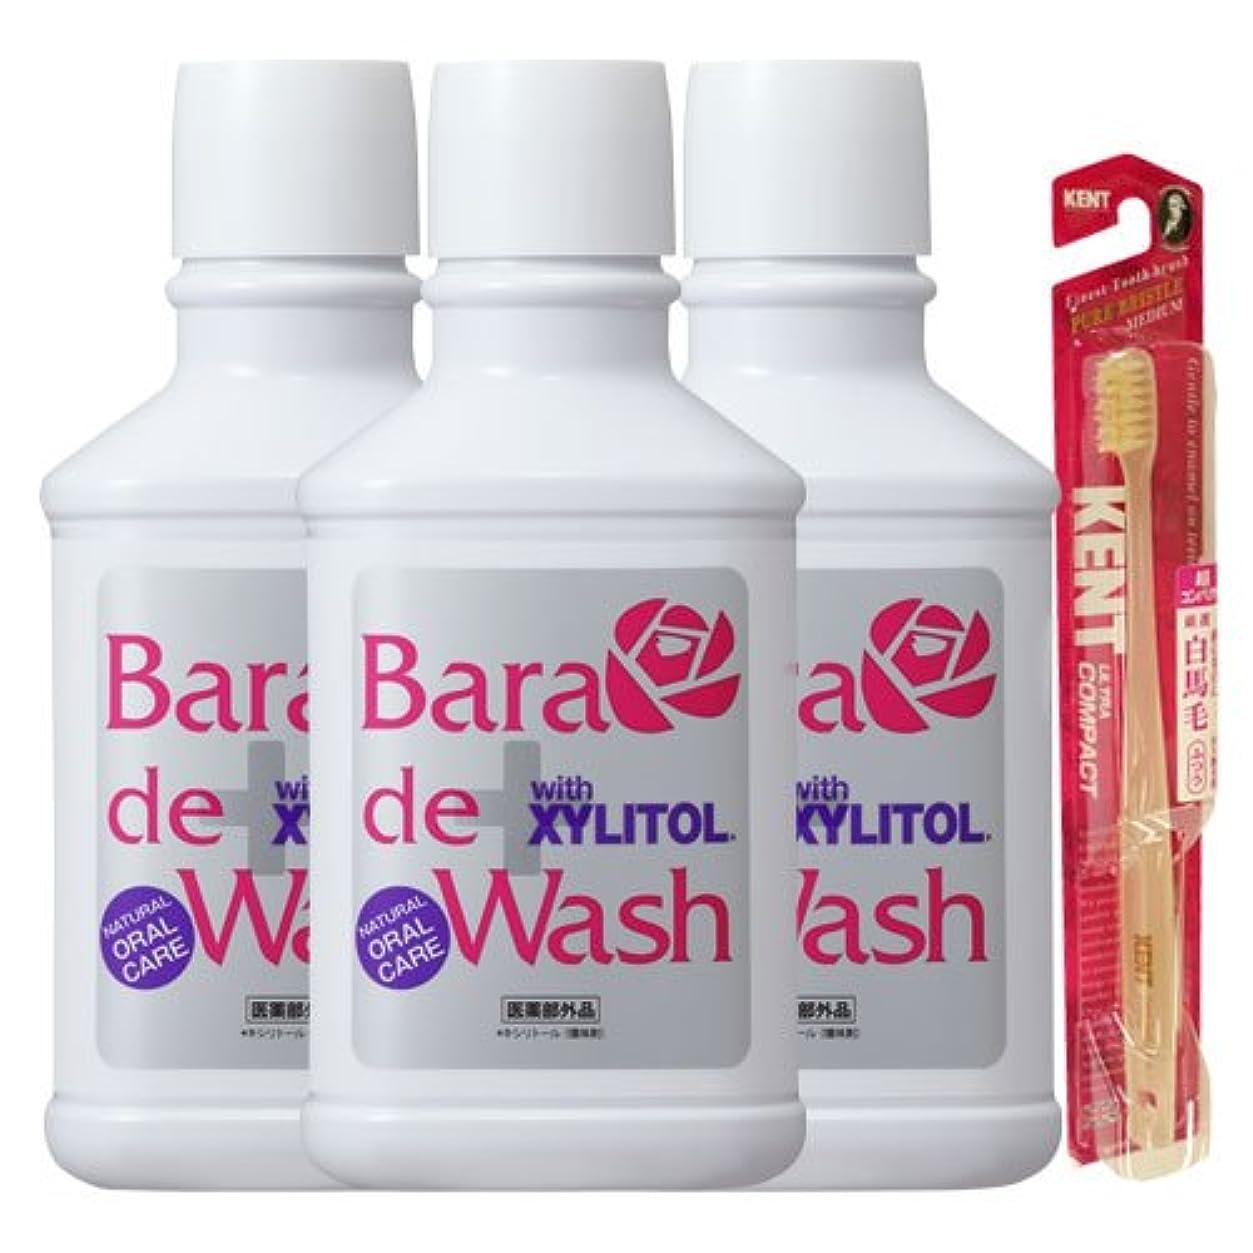 アセジュニア理容室薬用バラデウォッシュ 500ml 3本& KENT歯ブラシ1本プレゼント